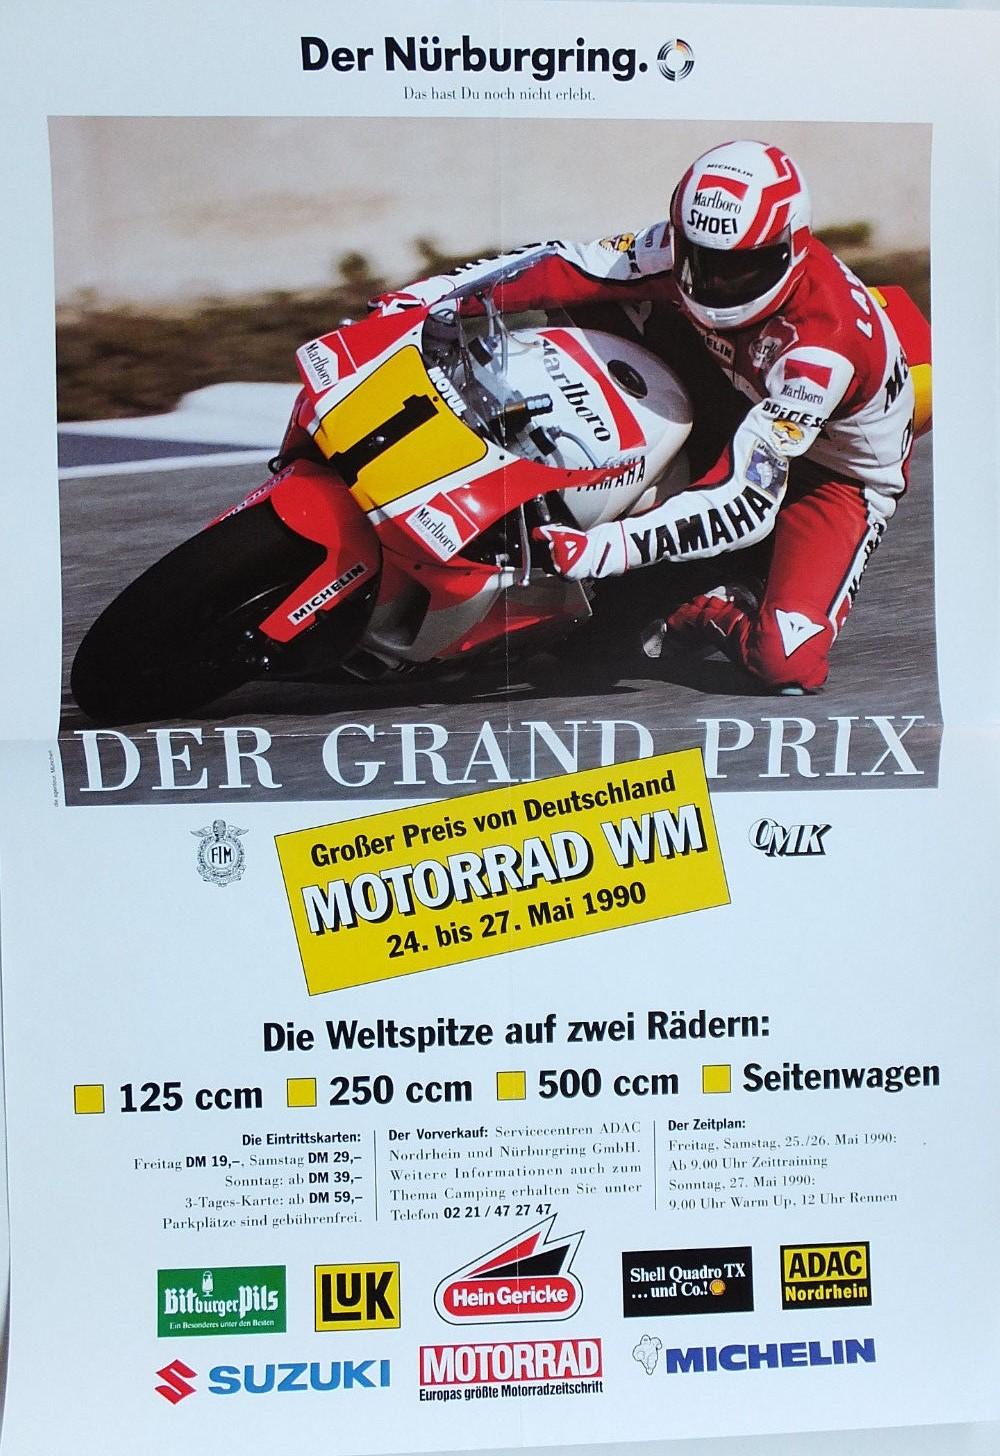 Original Poster-Nurburgring 1990